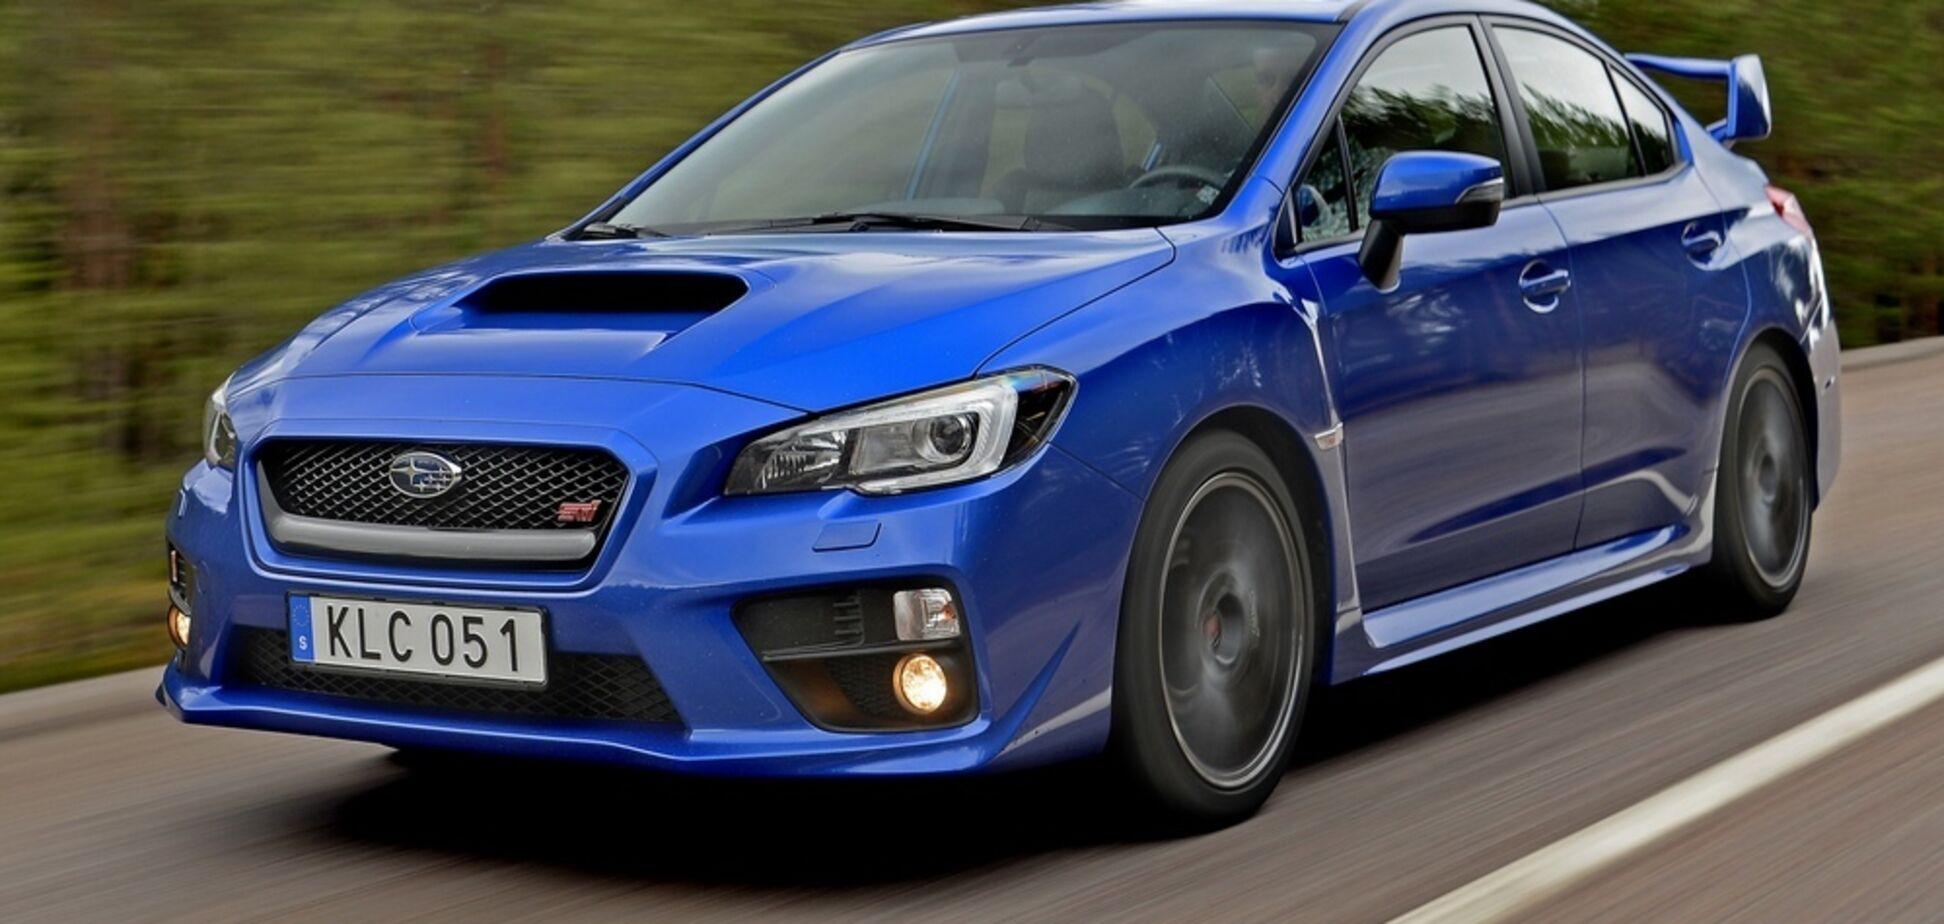 Названо автомобілі, власників яких частіше за інших штрафують за перевищення швидкості